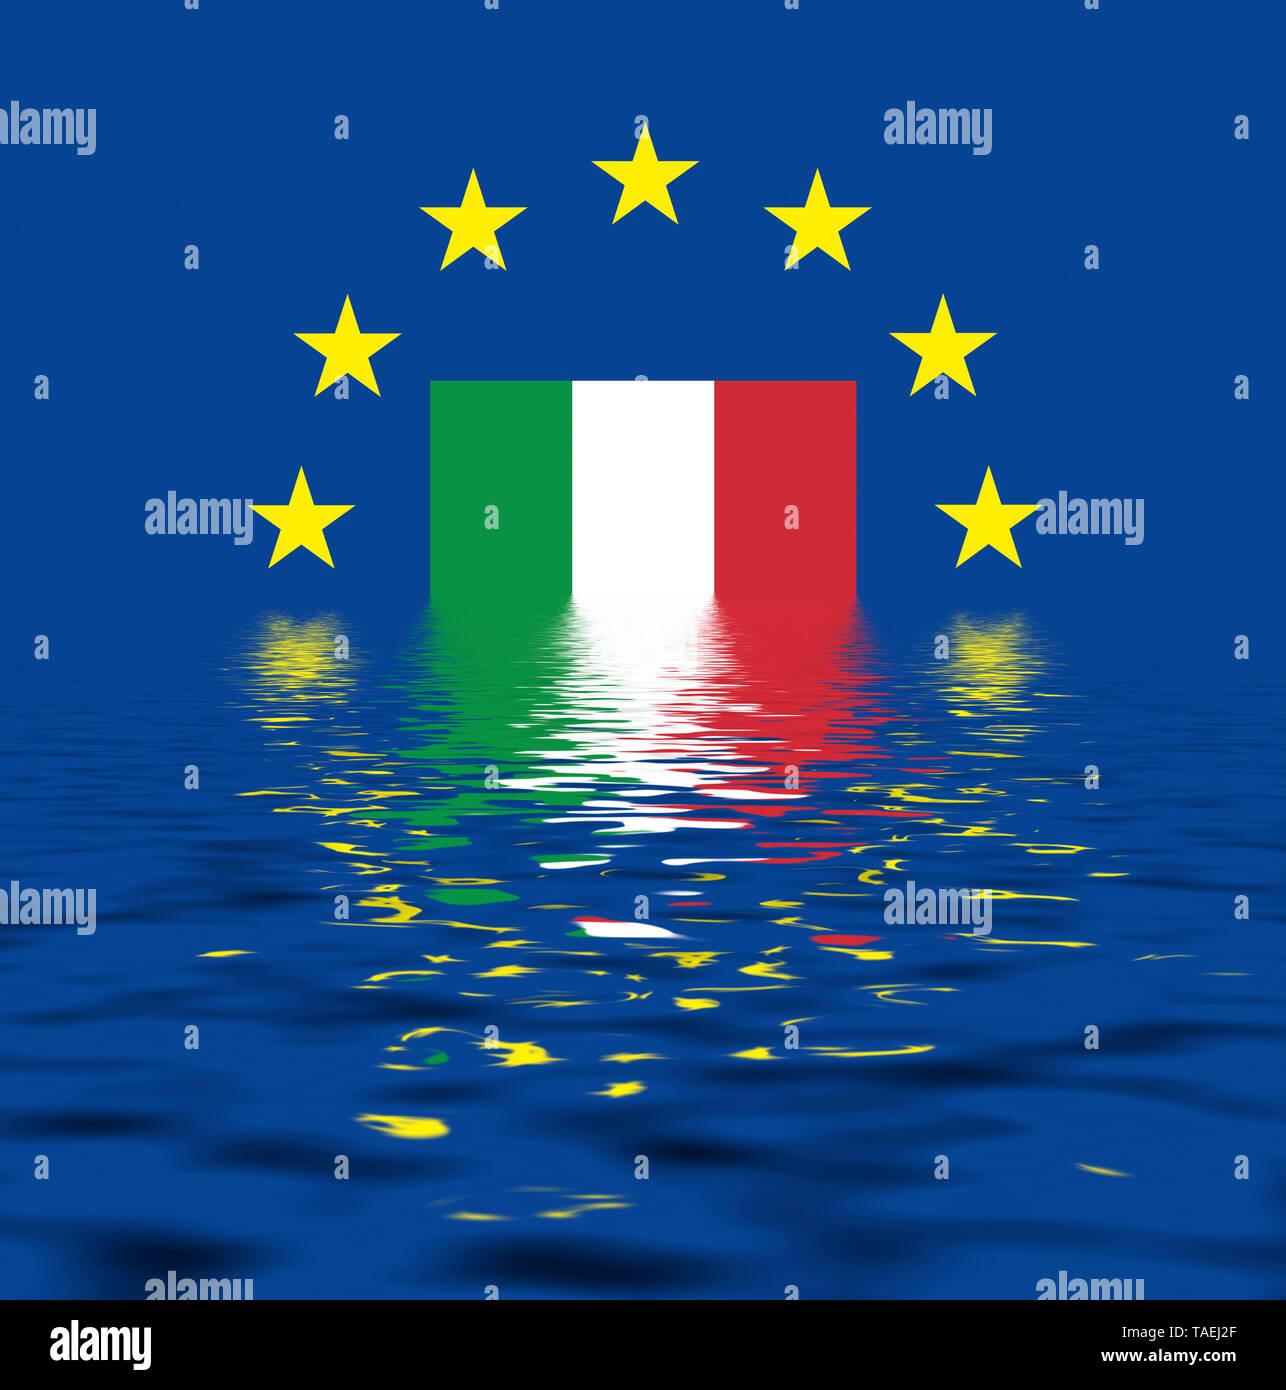 EU-Zeichen mit der Flagge von Italien, die Sterne schützen symbolisch das Land Italien, Symbolfoto für Europa, alles versinkt im Wasser - Stock Image